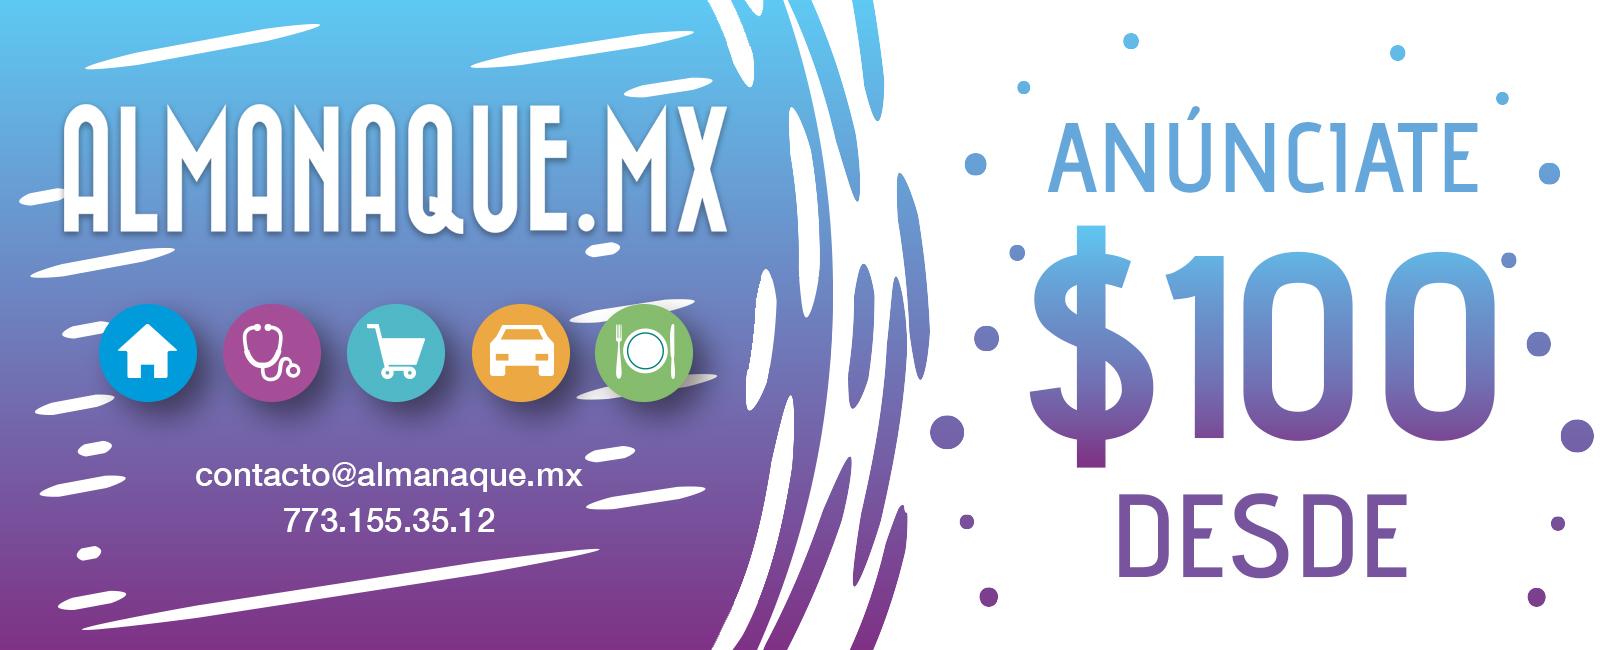 almanaque-mx-anunciate-desde-100-pesos